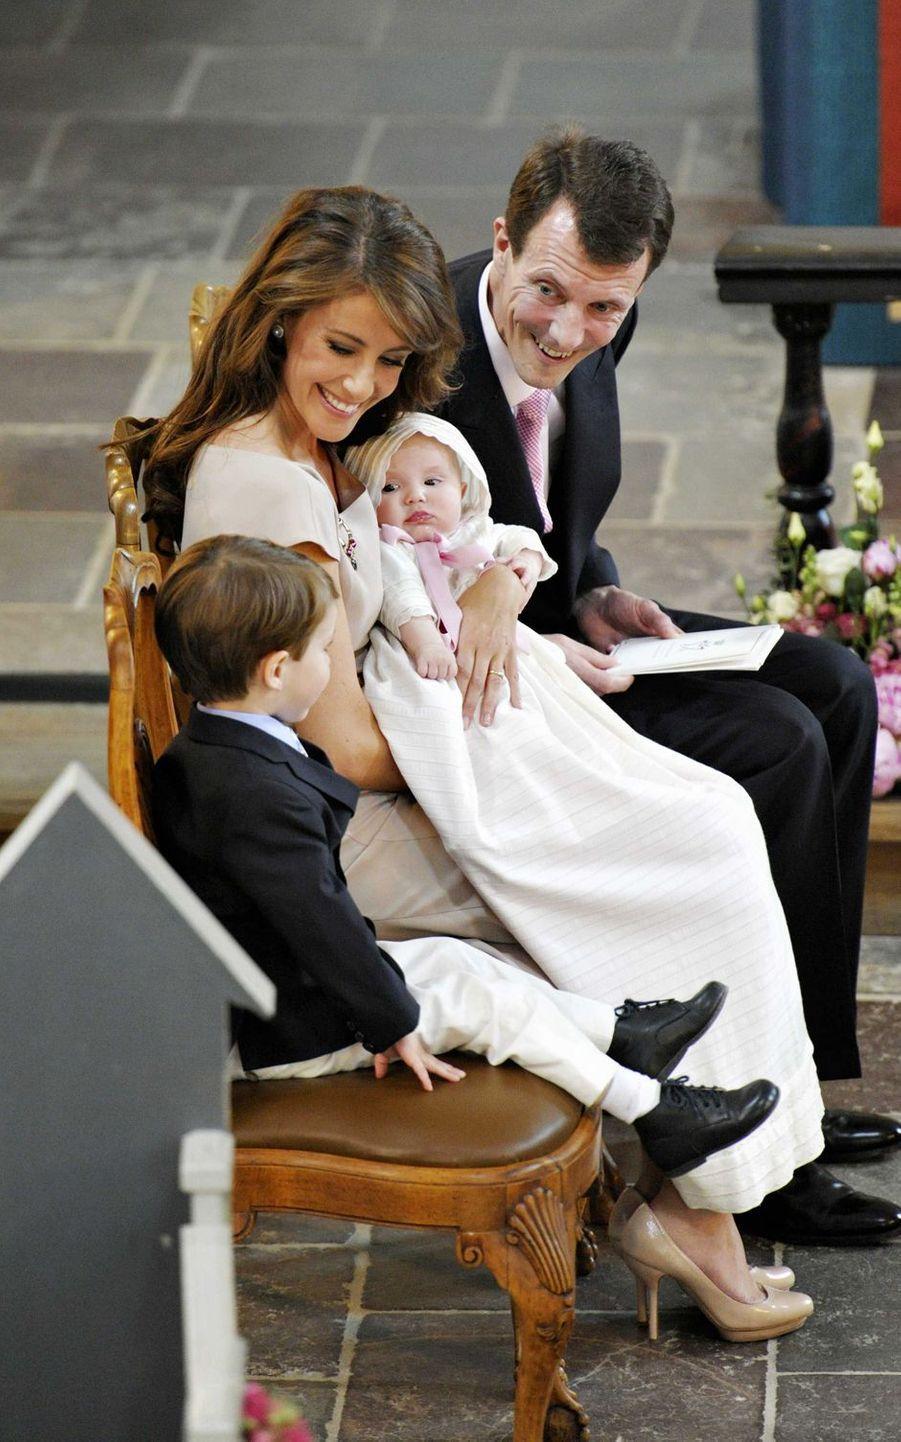 La princesse Athena de Danemark, le 20 mai 2012, jour de son baptême, avec ses parents le prince Joachim et la princesse Marie et son frère le prince Henrik